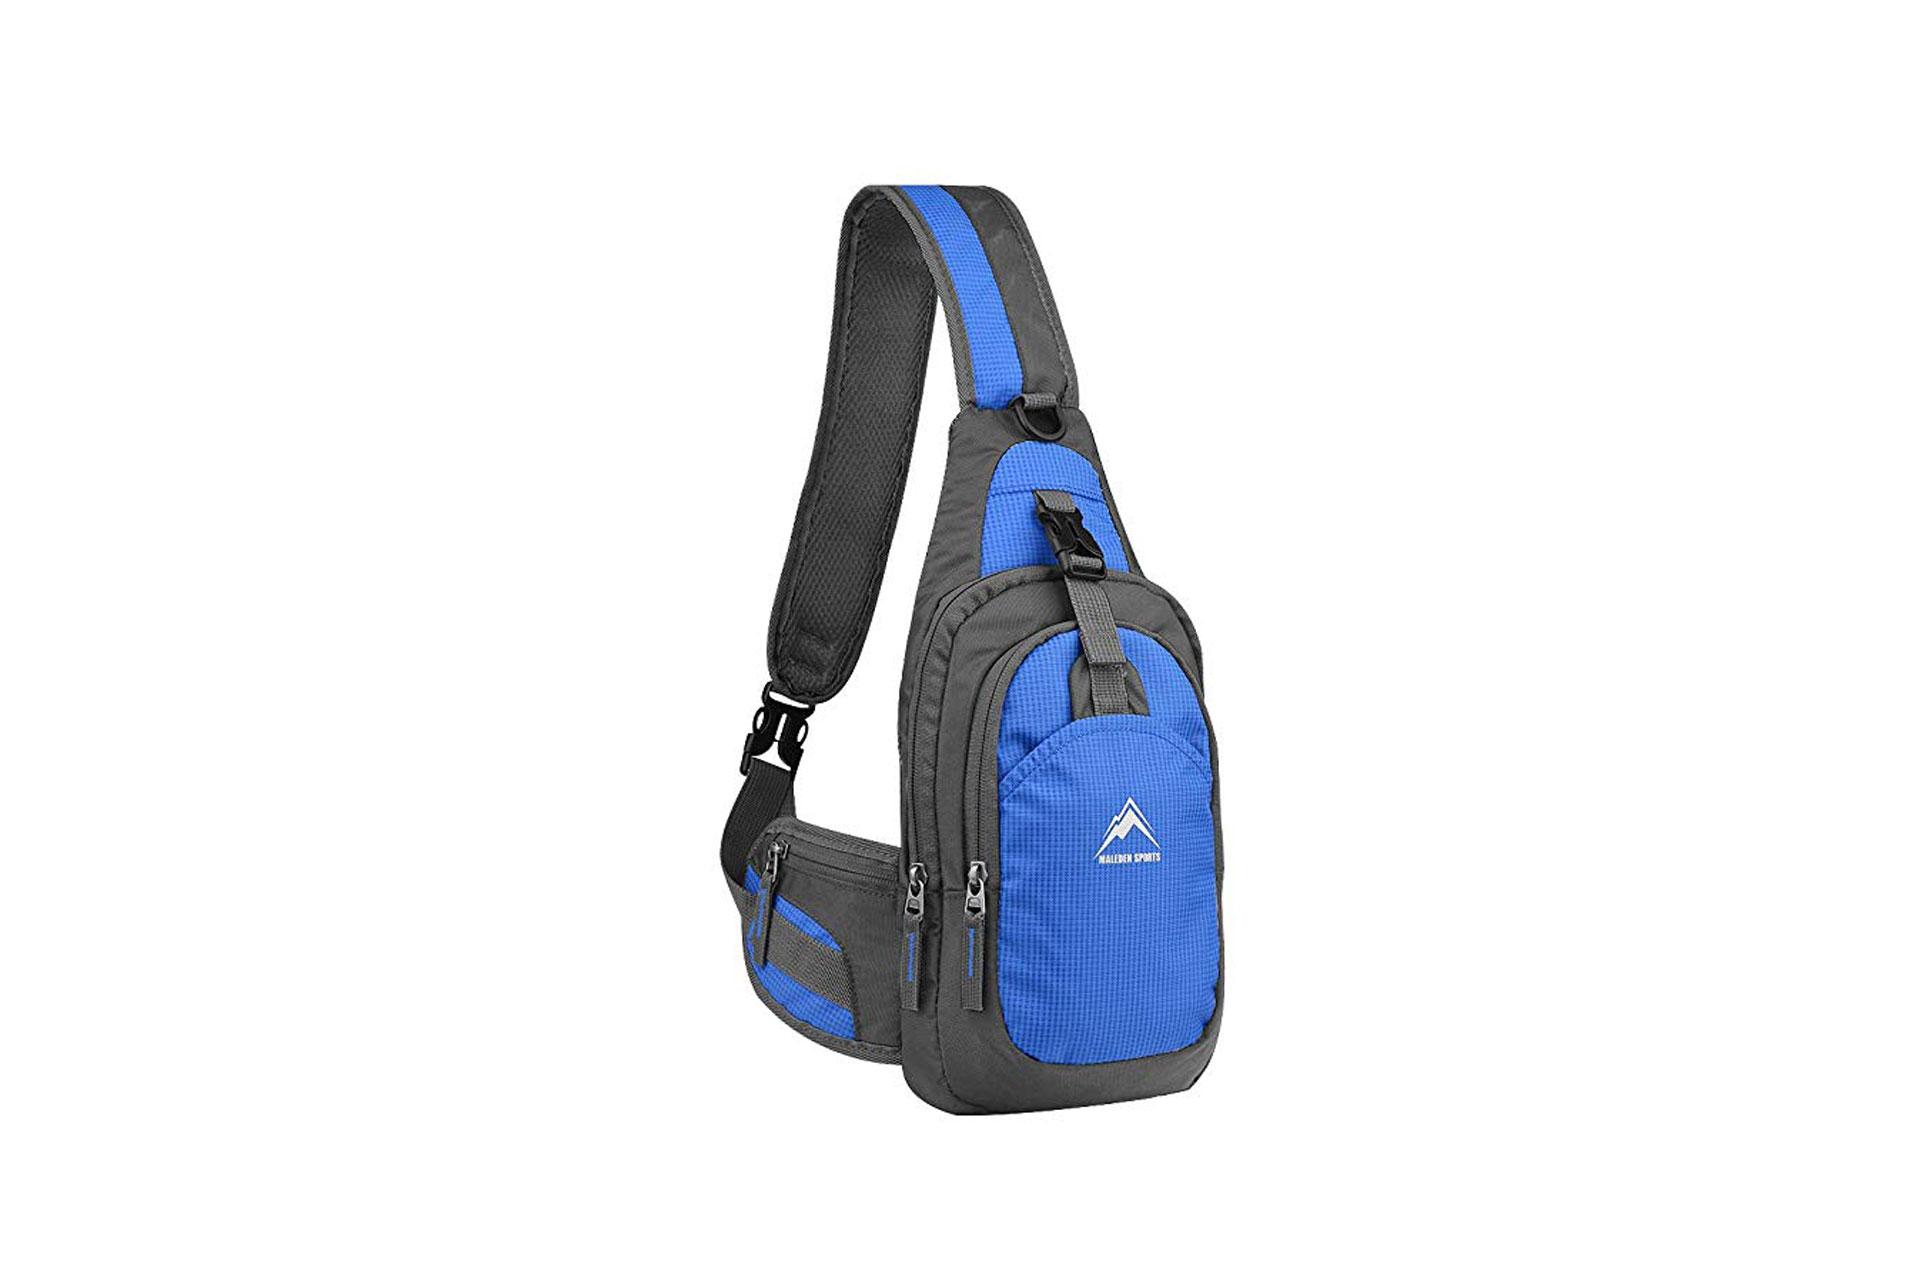 Sling Backpack; Courtesy of Amazon